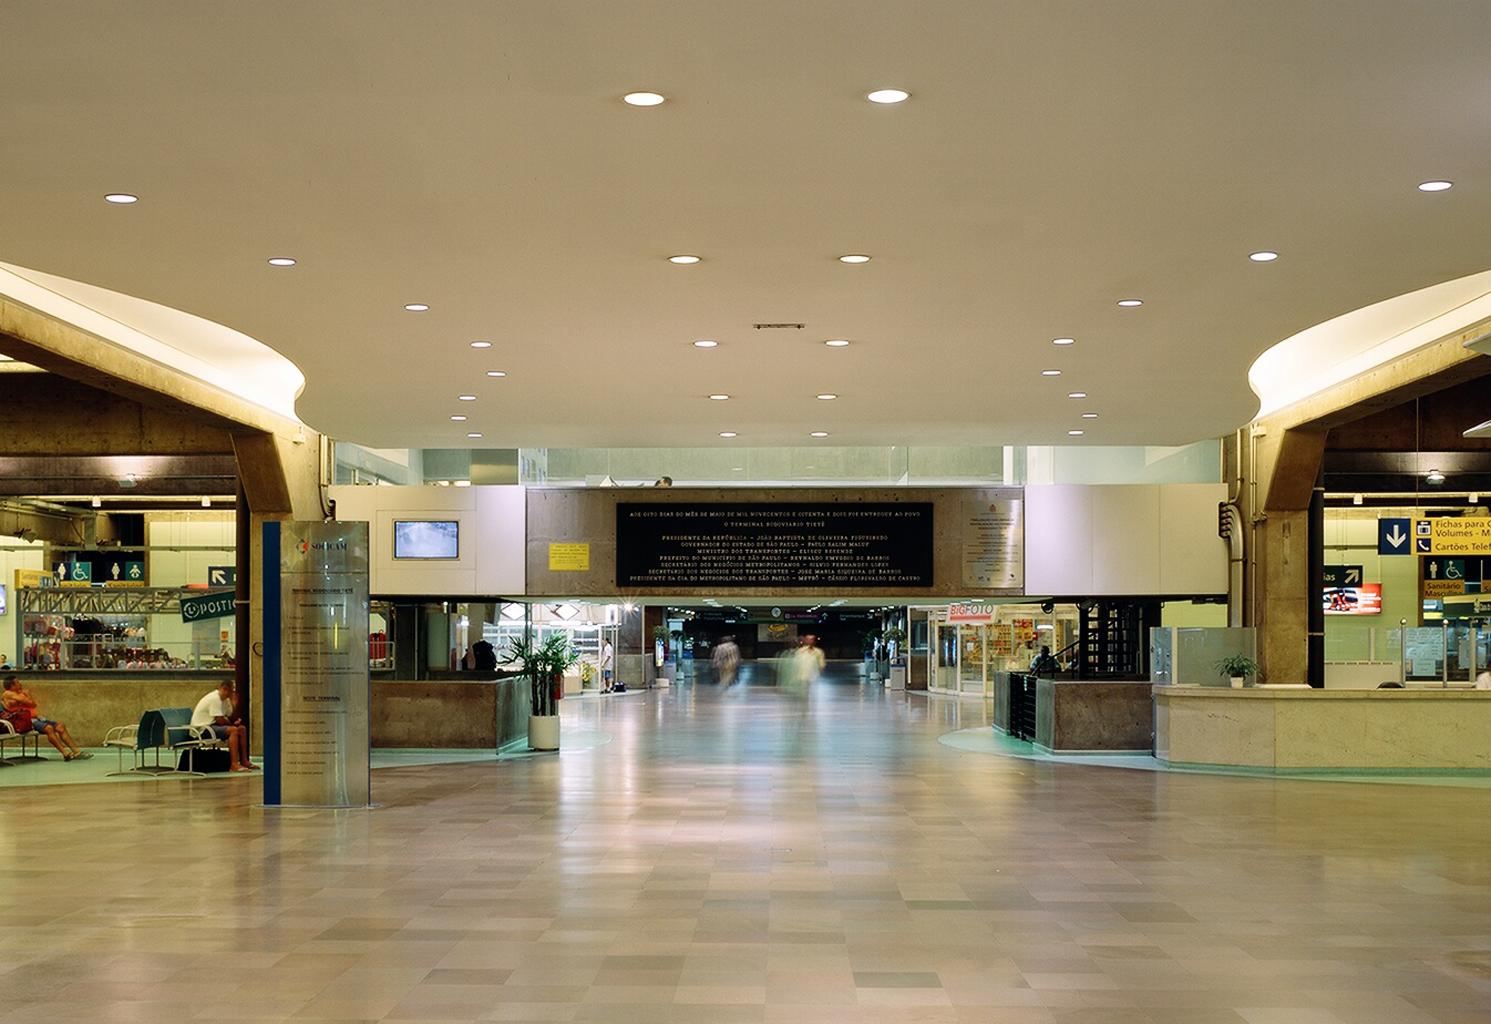 terminal tietê